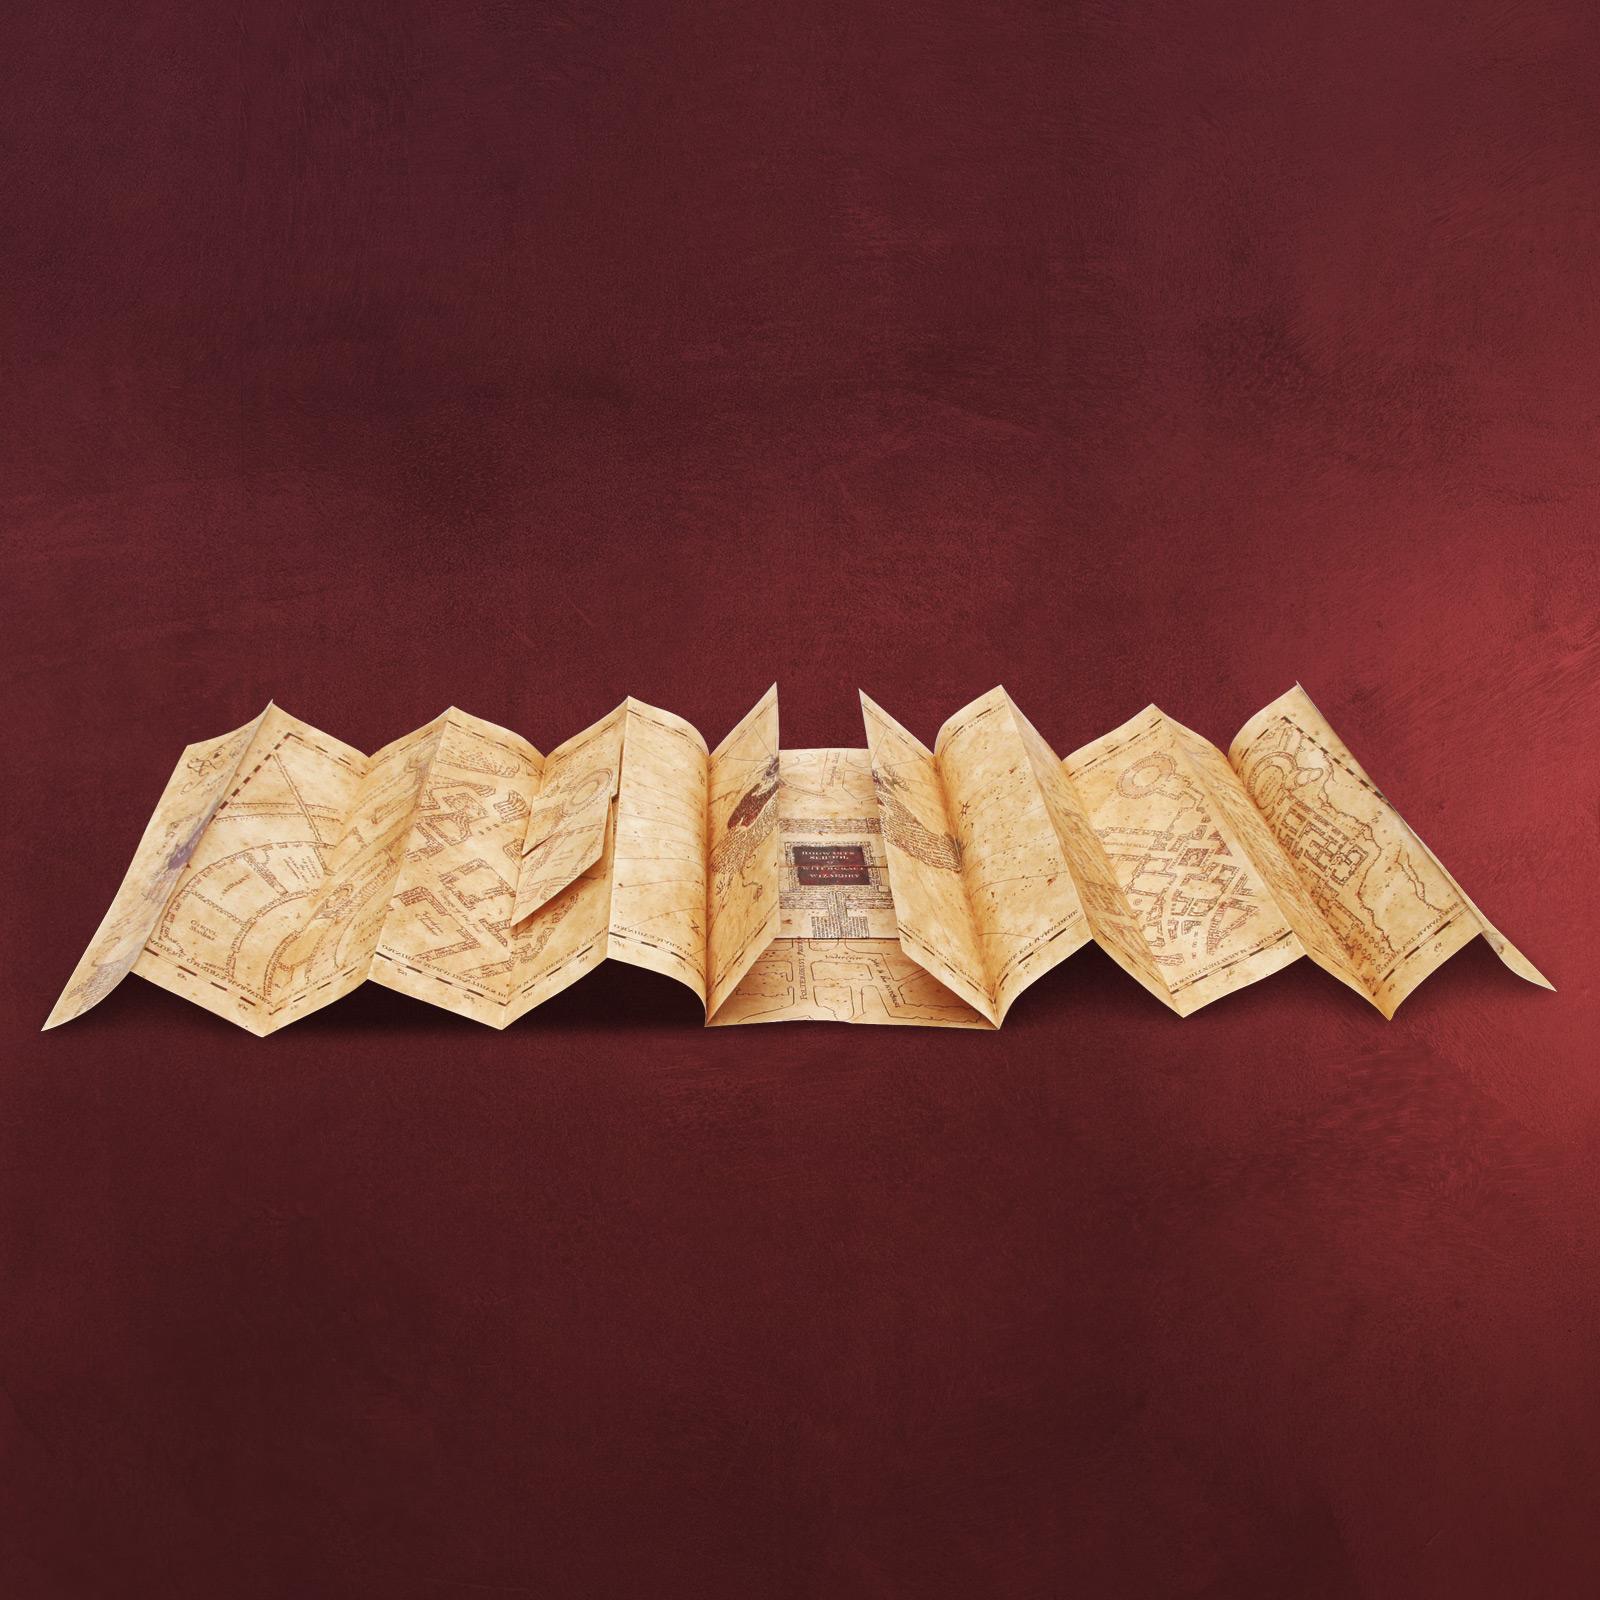 Harry Potter Karte Des Rumtreibers Spruch.Die Karte Des Rumtreibers